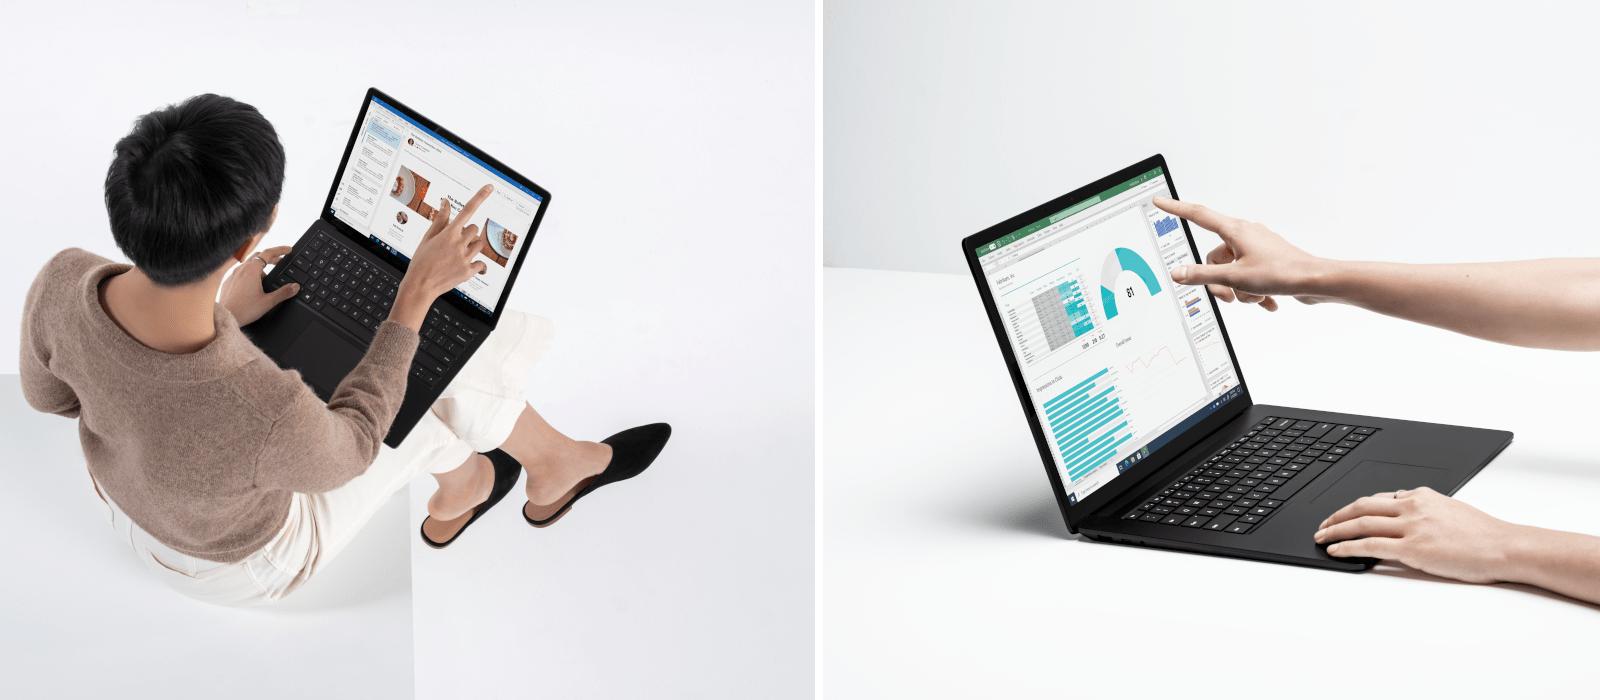 Das linke Bild zeigt eine Person aus der Vogelperspektive, die auf das Display des Surface Laptops tippt. Das rechte Bild zeigt einen Surface Laptop aus seitlicher Perspektive, auf dessen Bildschirm eine Hand tippt.